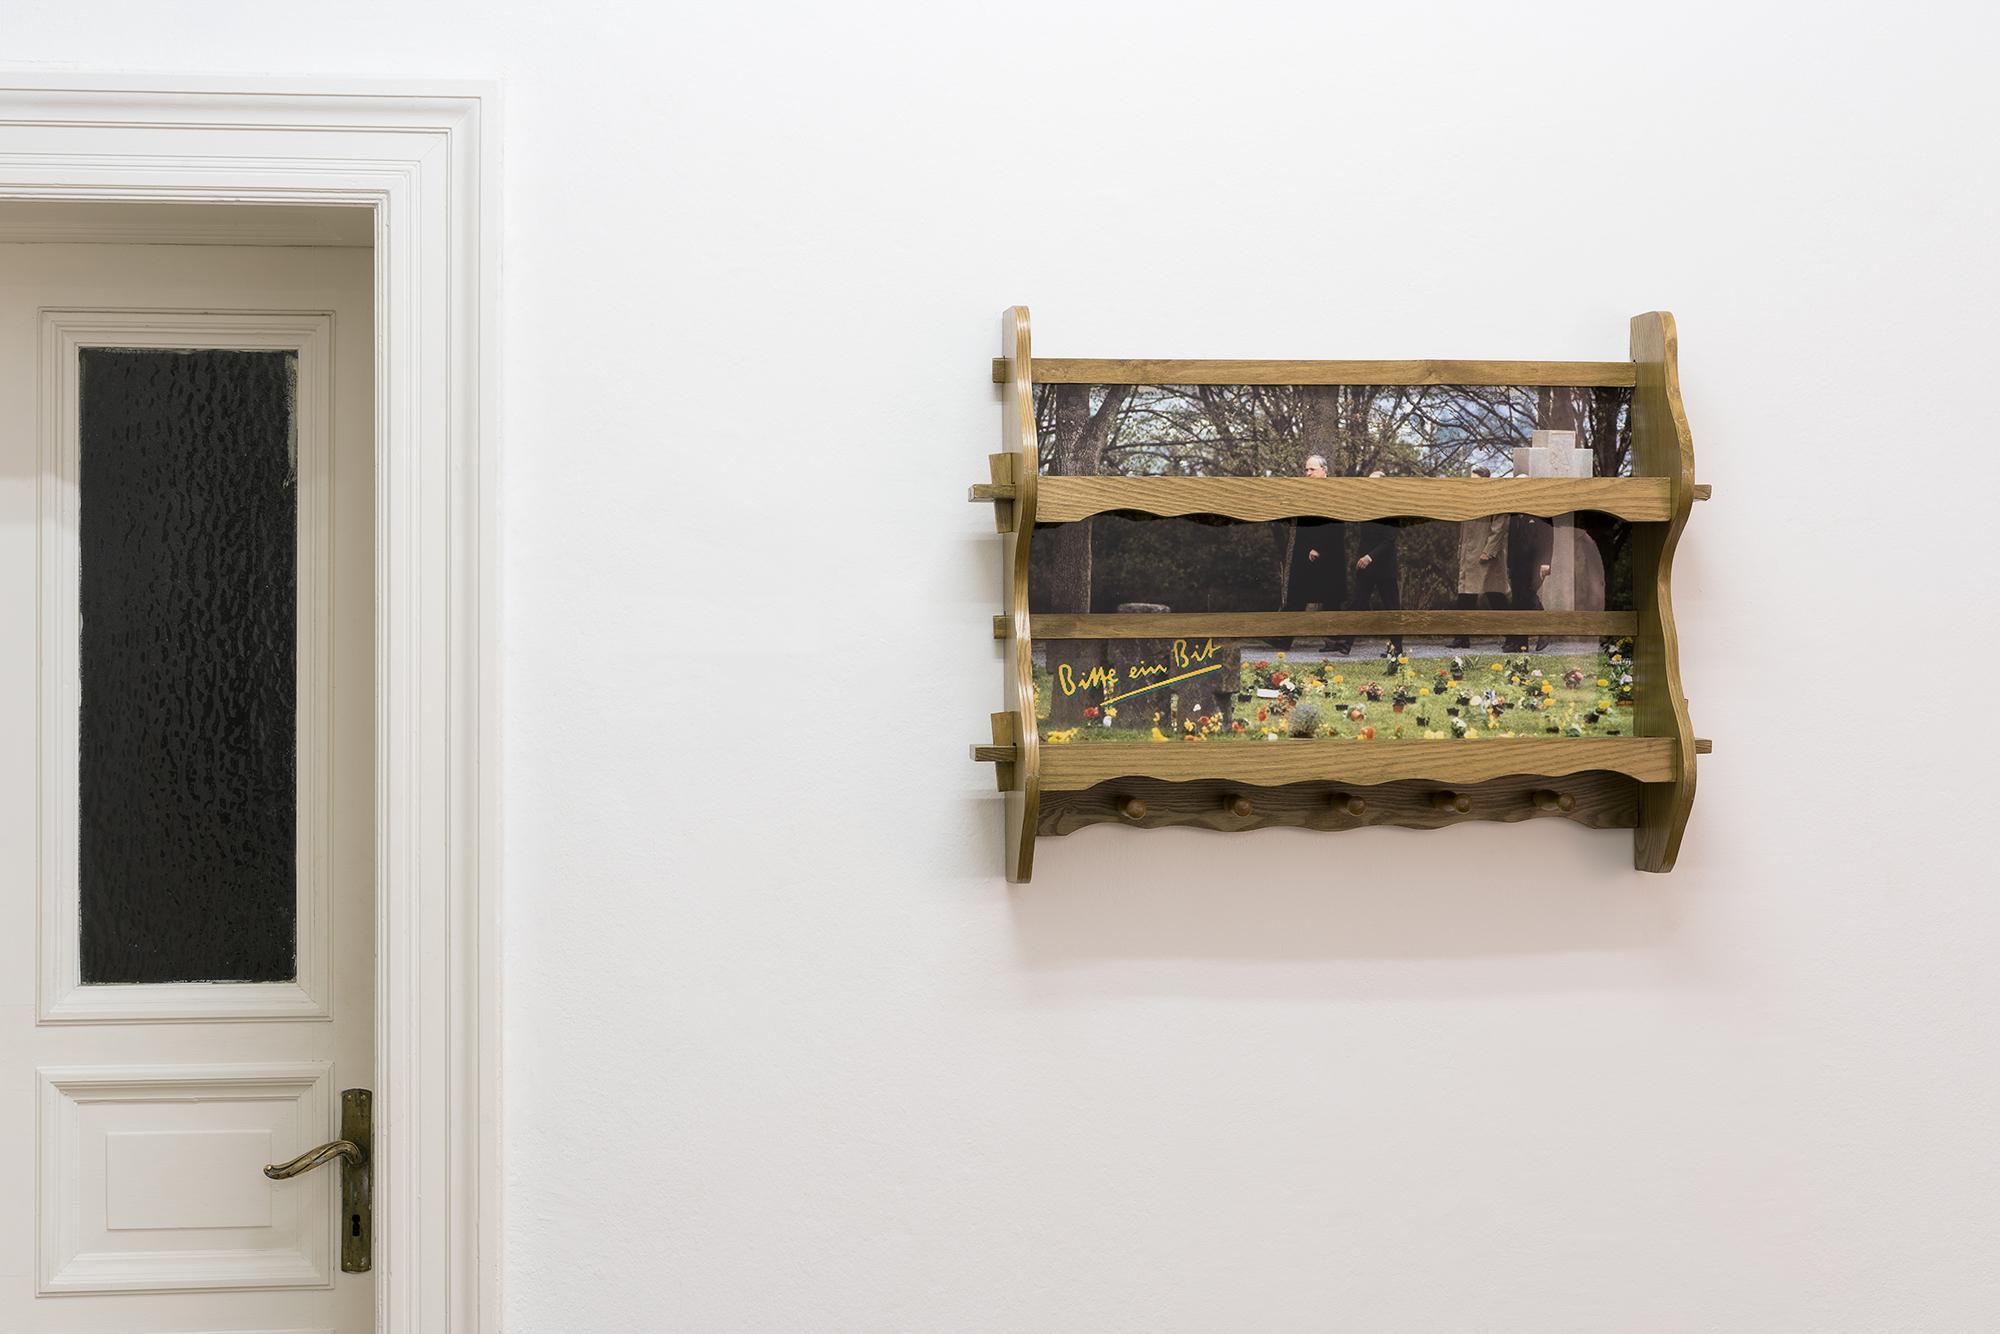 Installationshot Nicholas Warburg BRDigung Photo: Sascha Herrmann